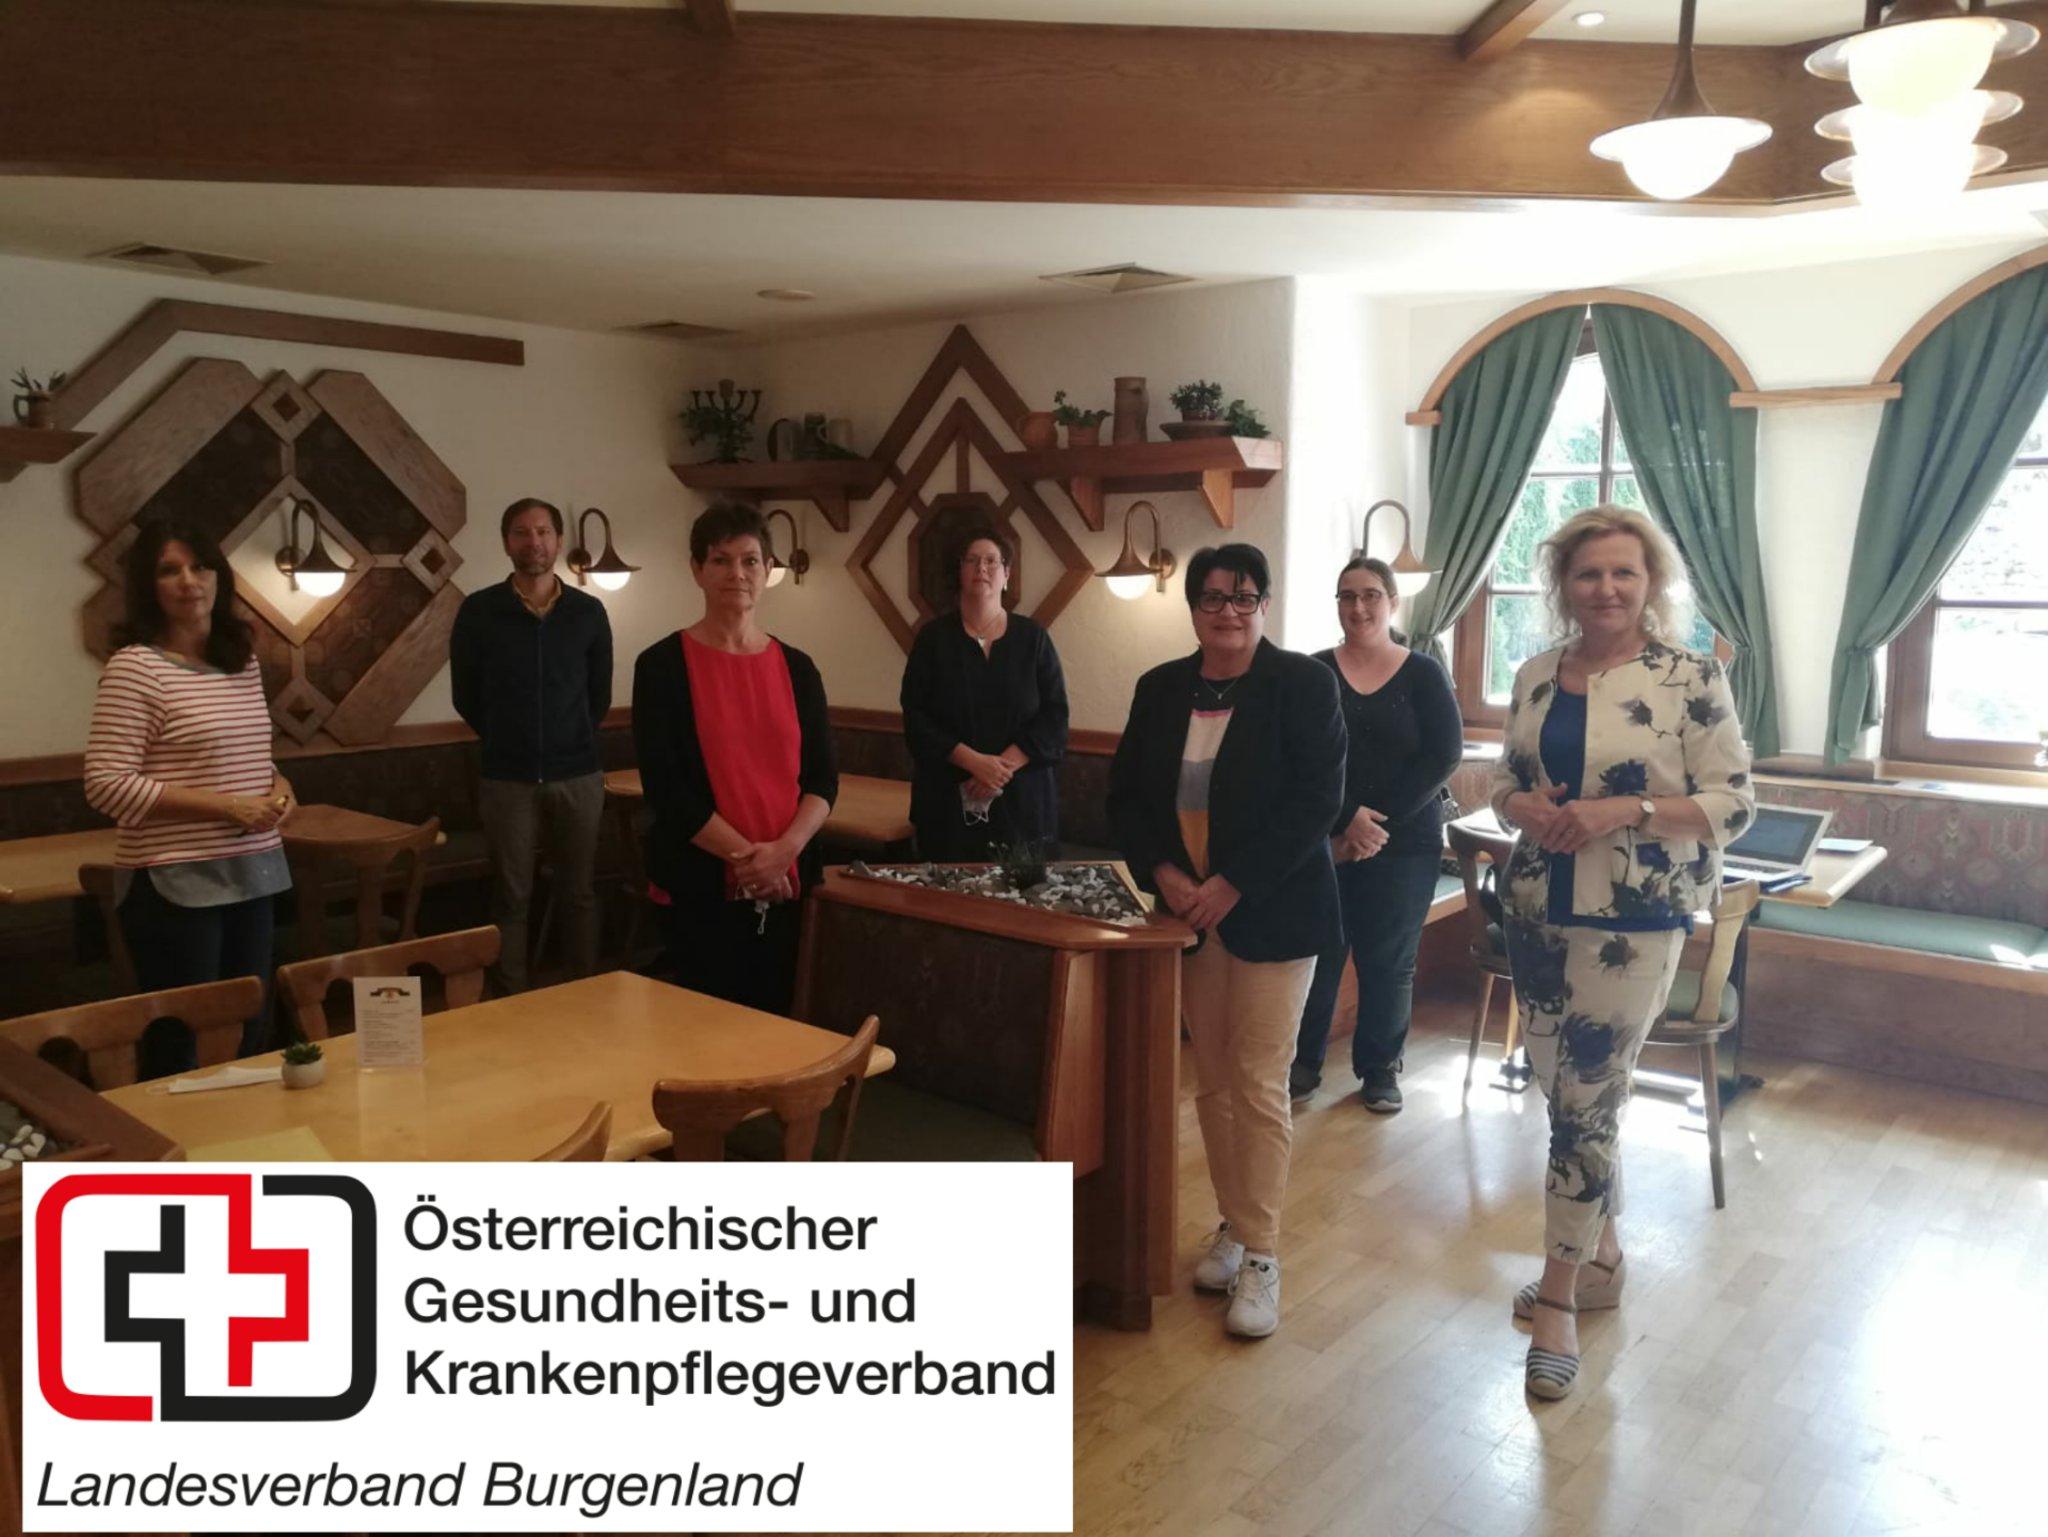 neue-gkv-pr-sidentin-besucht-den-landesverband-burgenland-bei-der-hauptversammlung-in-eisenstadt